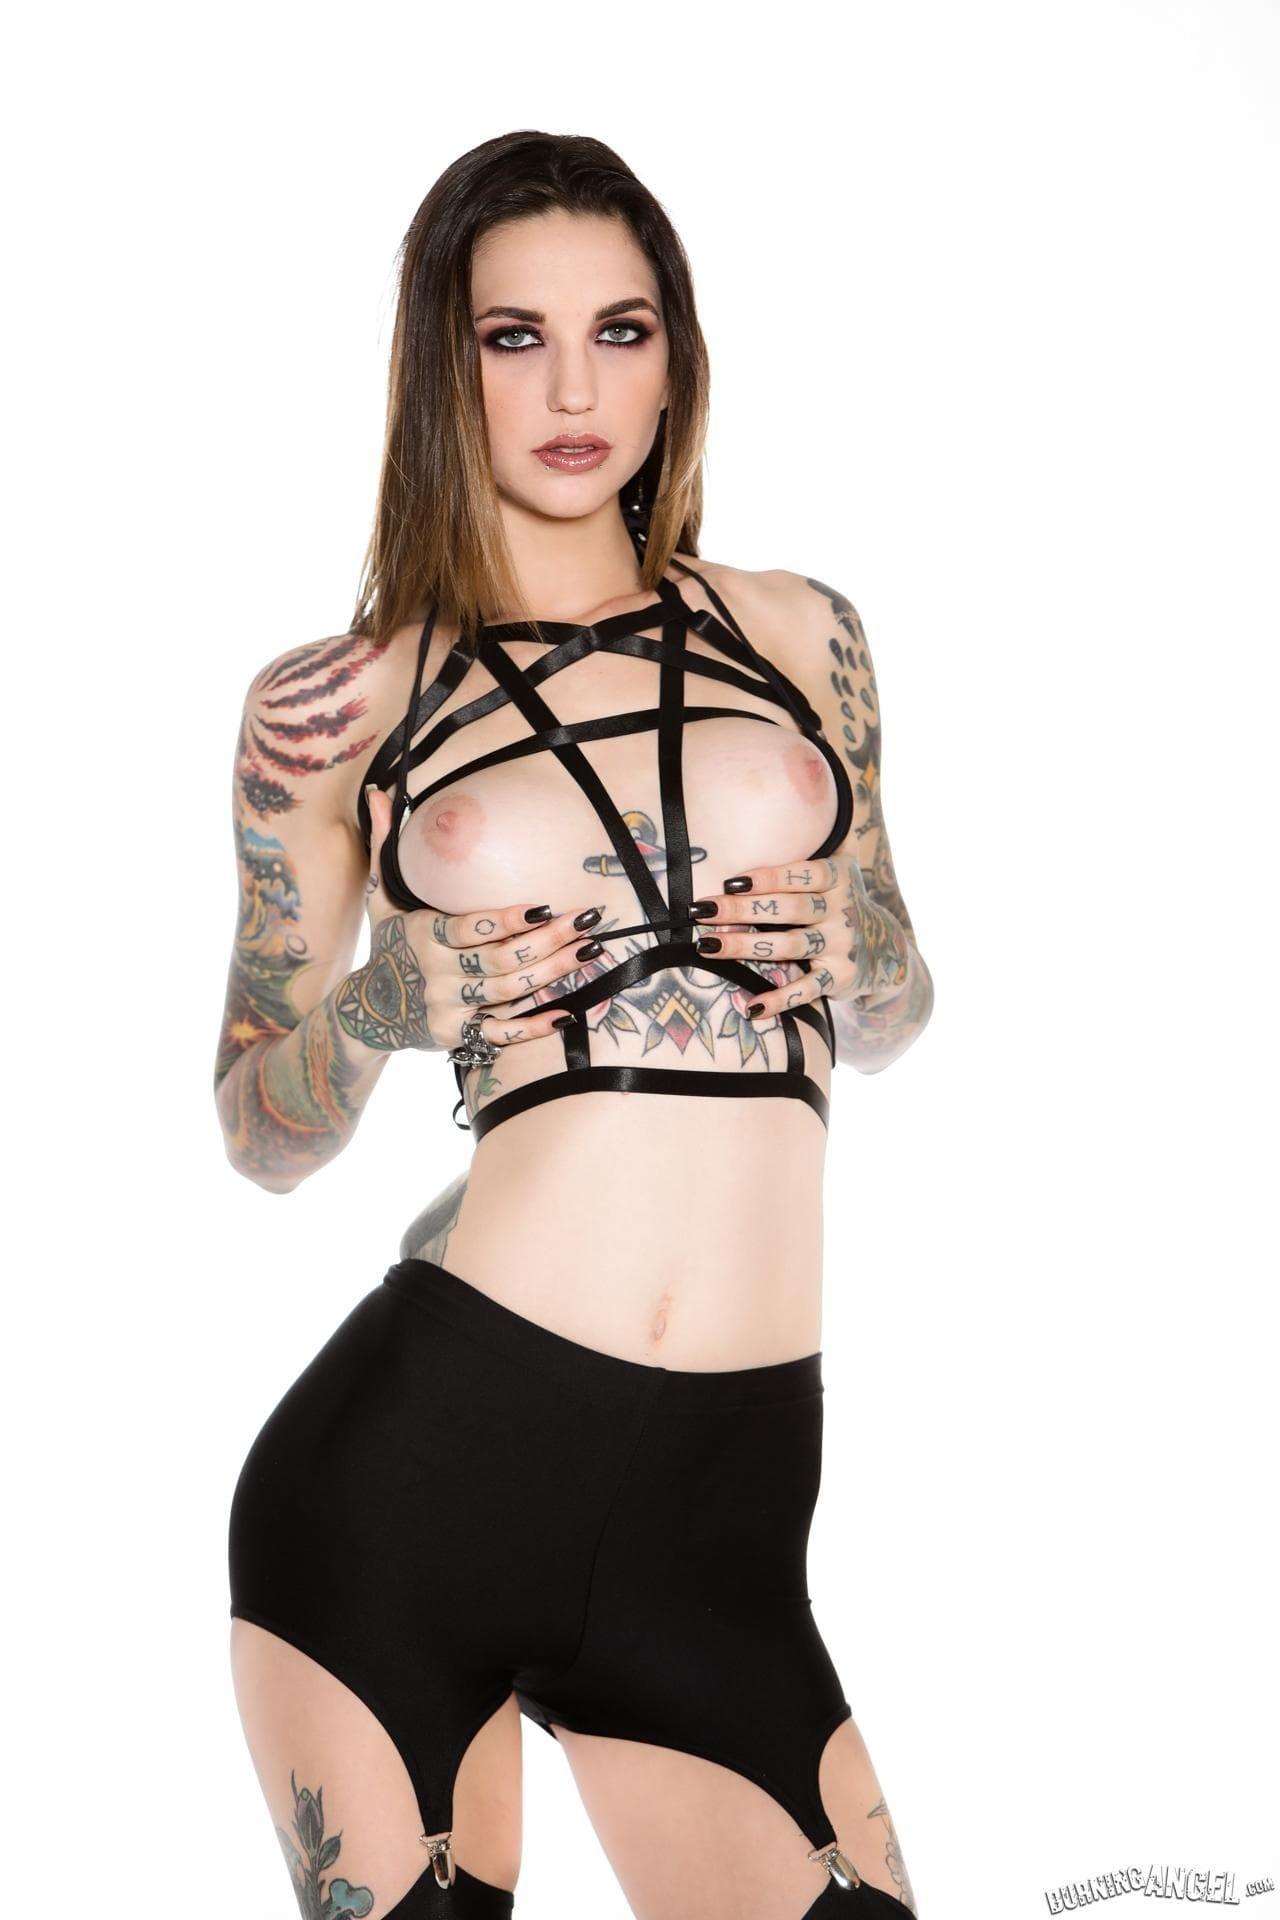 Обнаженная модель усыпанная татуировками - фото